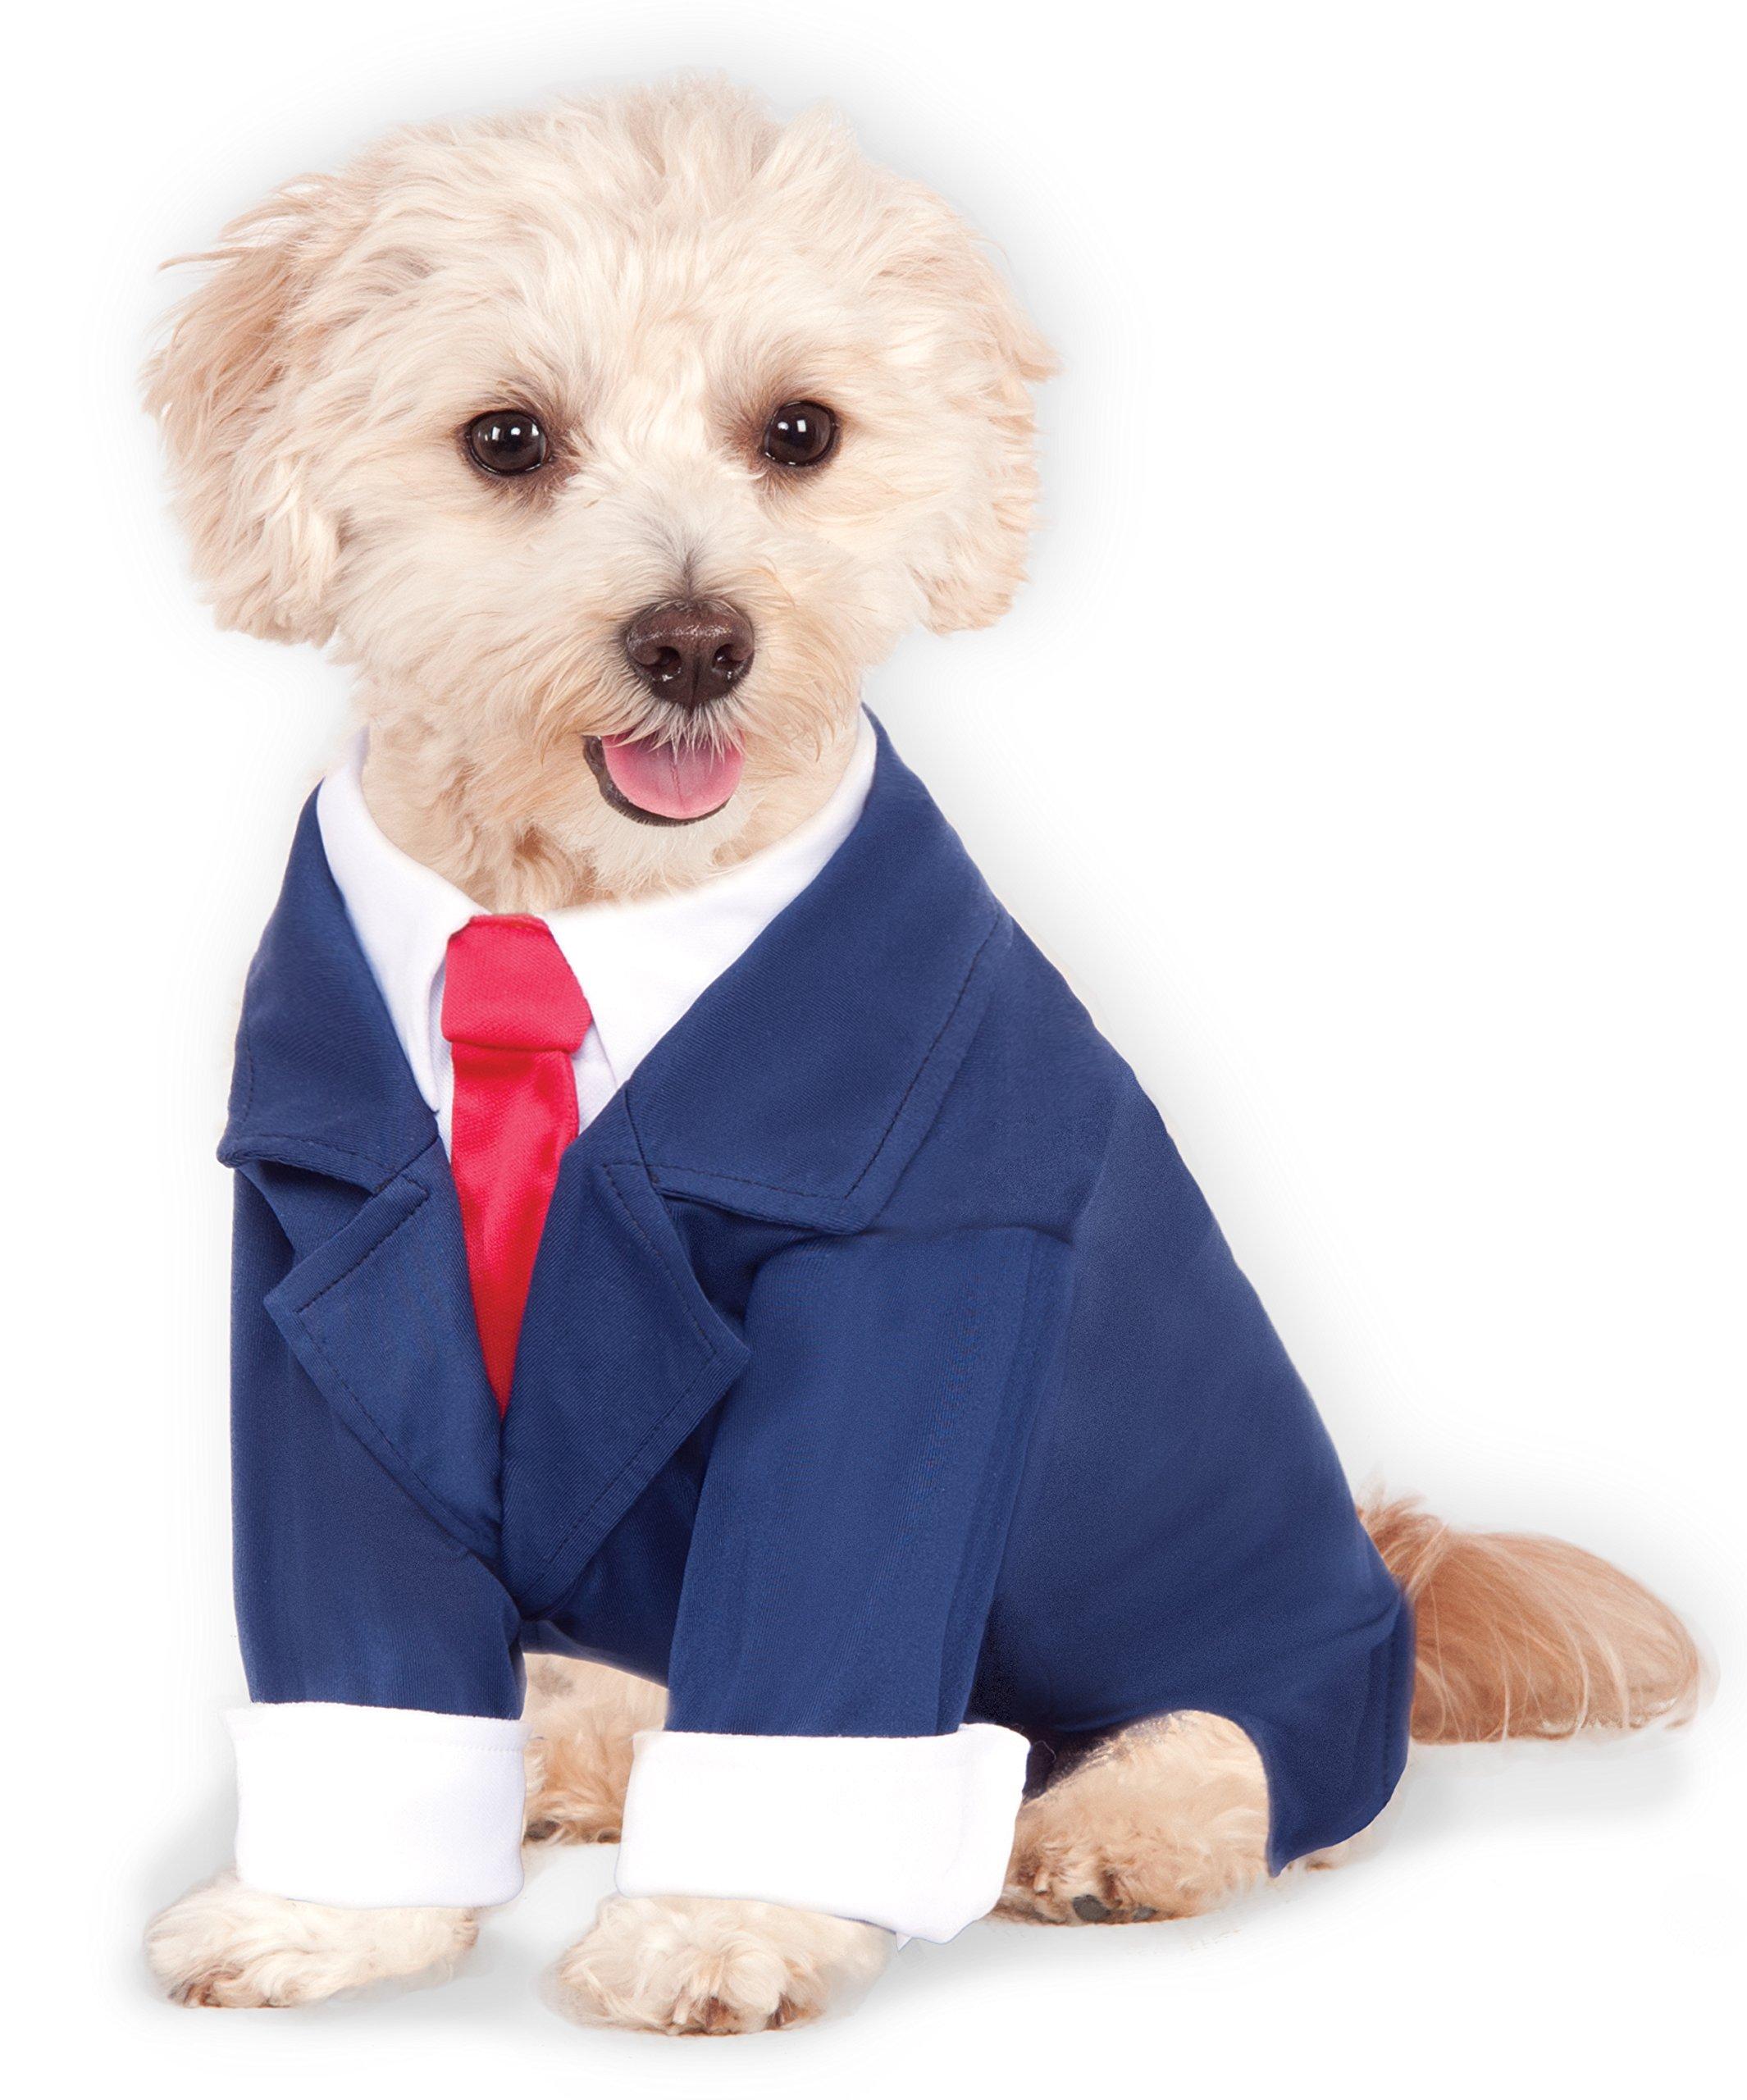 Business Suit for Pet, X-Large